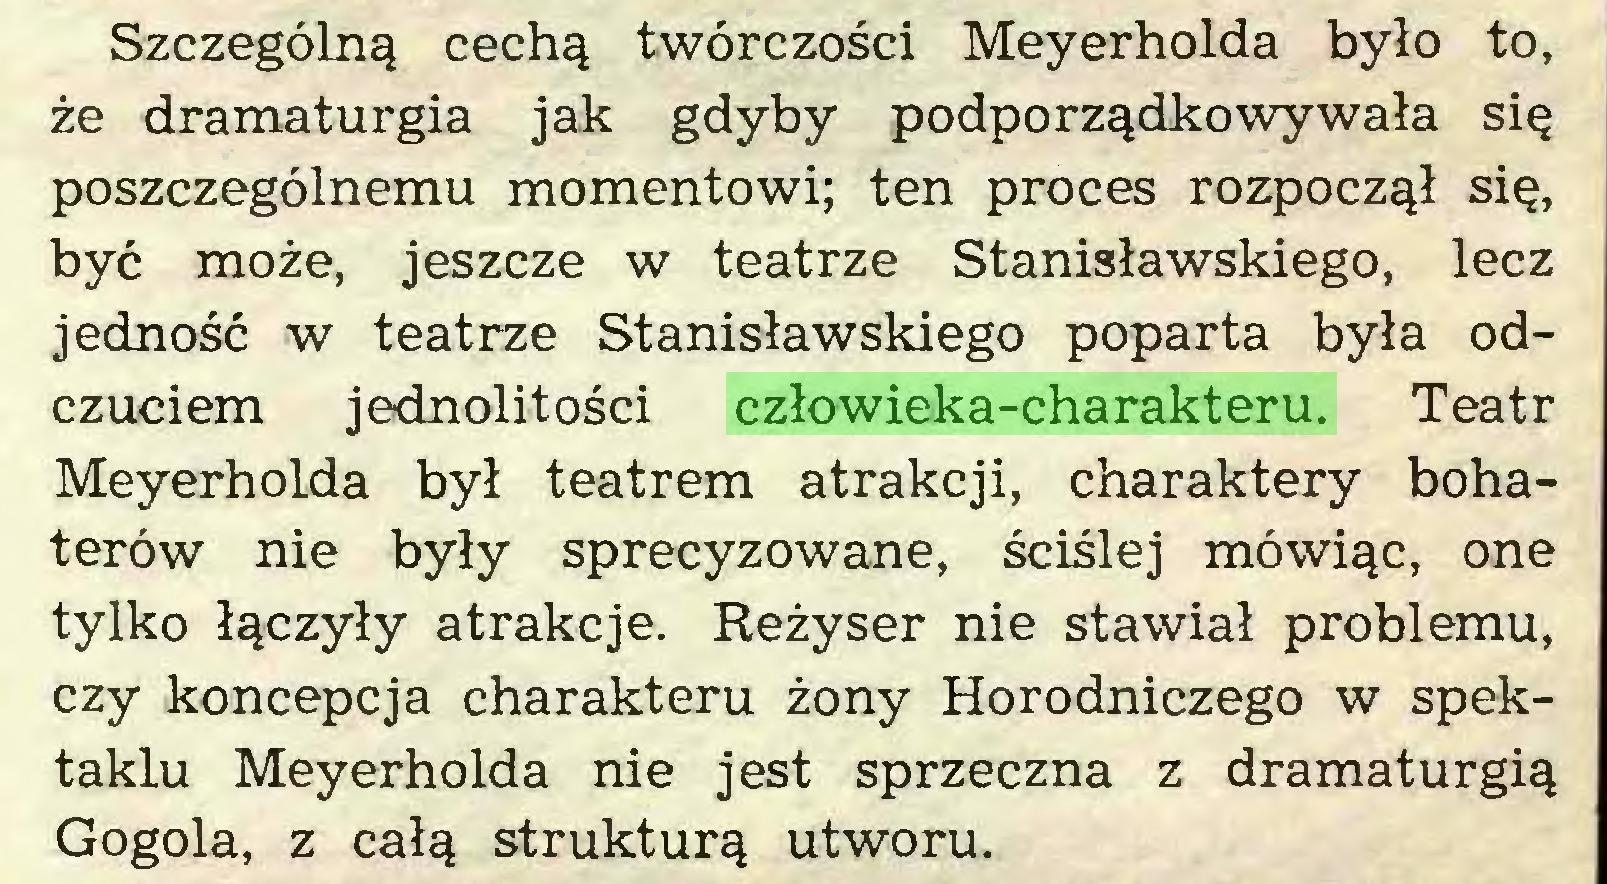 (...) Szczególną cechą twórczości Meyerholda było to, że dramaturgia jak gdyby podporządkowywała się poszczególnemu momentowi; ten proces rozpoczął się, być może, jeszcze w teatrze Stanisławskiego, lecz jedność w teatrze Stanisławskiego poparta była odczuciem jednolitości człowieka-charakteru. Teatr Meyerholda był teatrem atrakcji, charaktery bohaterów nie były sprecyzowane, ściślej mówiąc, one tylko łączyły atrakcje. Reżyser nie stawiał problemu, czy koncepcja charakteru żony Horodniczego w spektaklu Meyerholda nie jest sprzeczna z dramaturgią Gogola, z całą strukturą utworu...